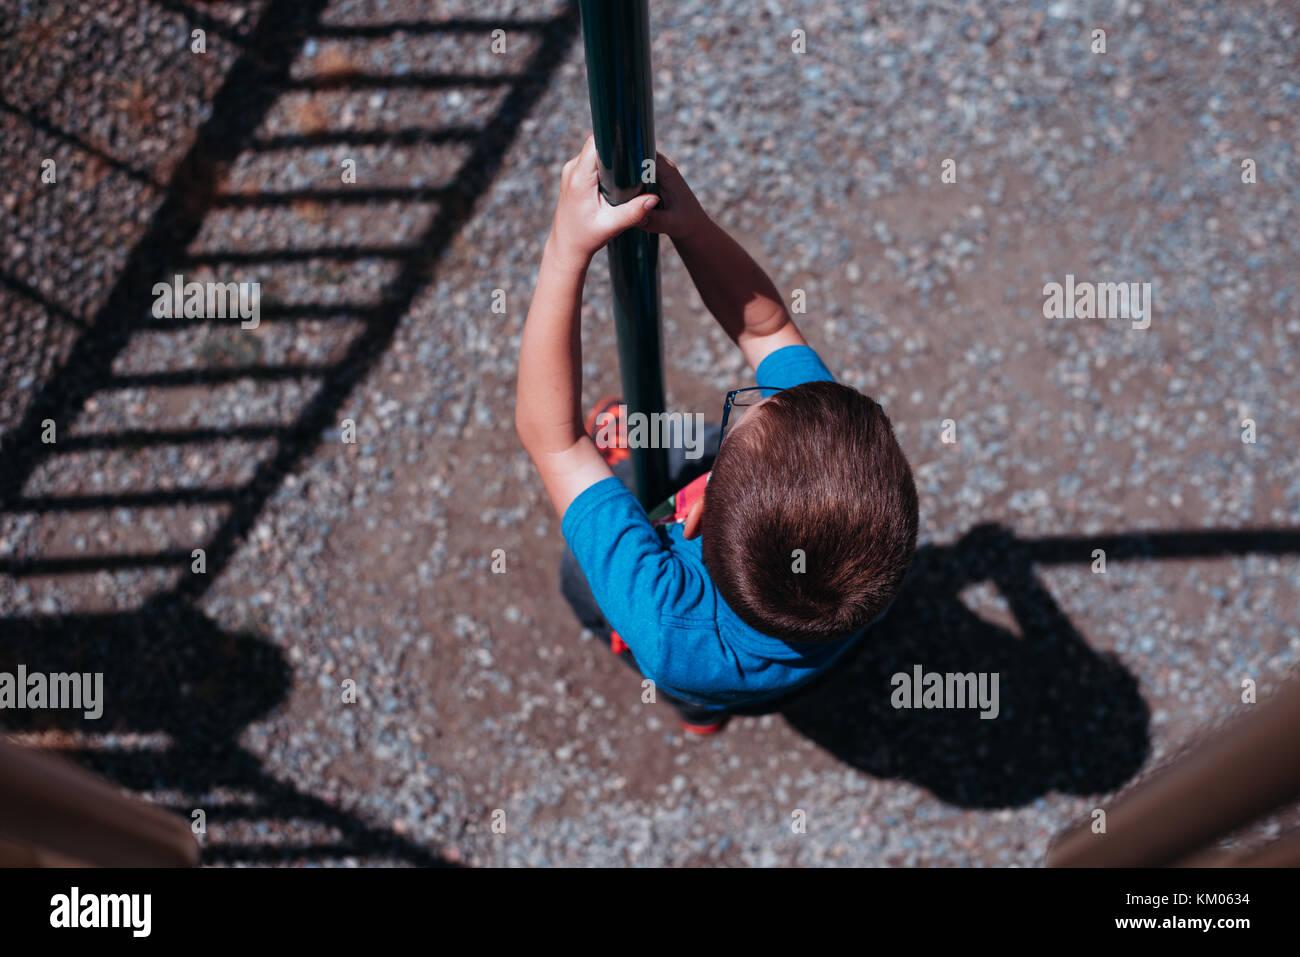 Ein Kind rutscht eine gleitende Pole auf einem Spielplatz. Stockfoto